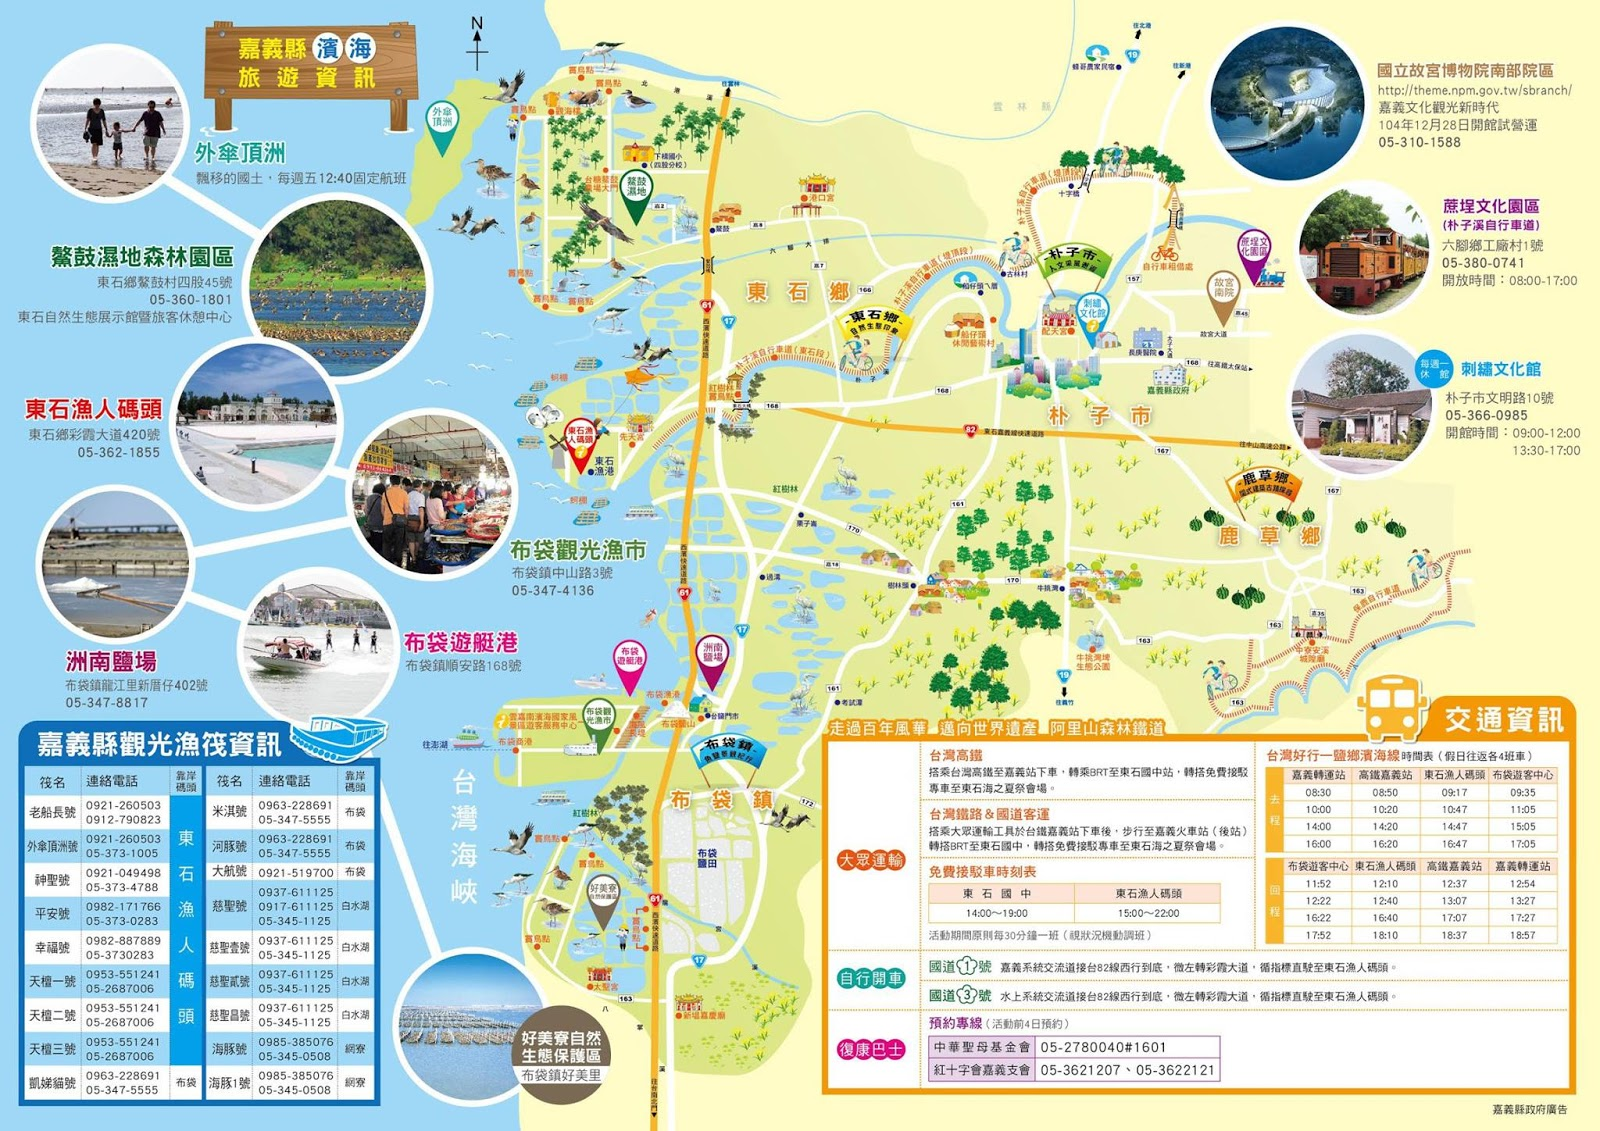 嘉義東石漁人碼頭海之夏祭 @ 2015-2016臺灣檔期活動攤位資訊 :: 痞客邦